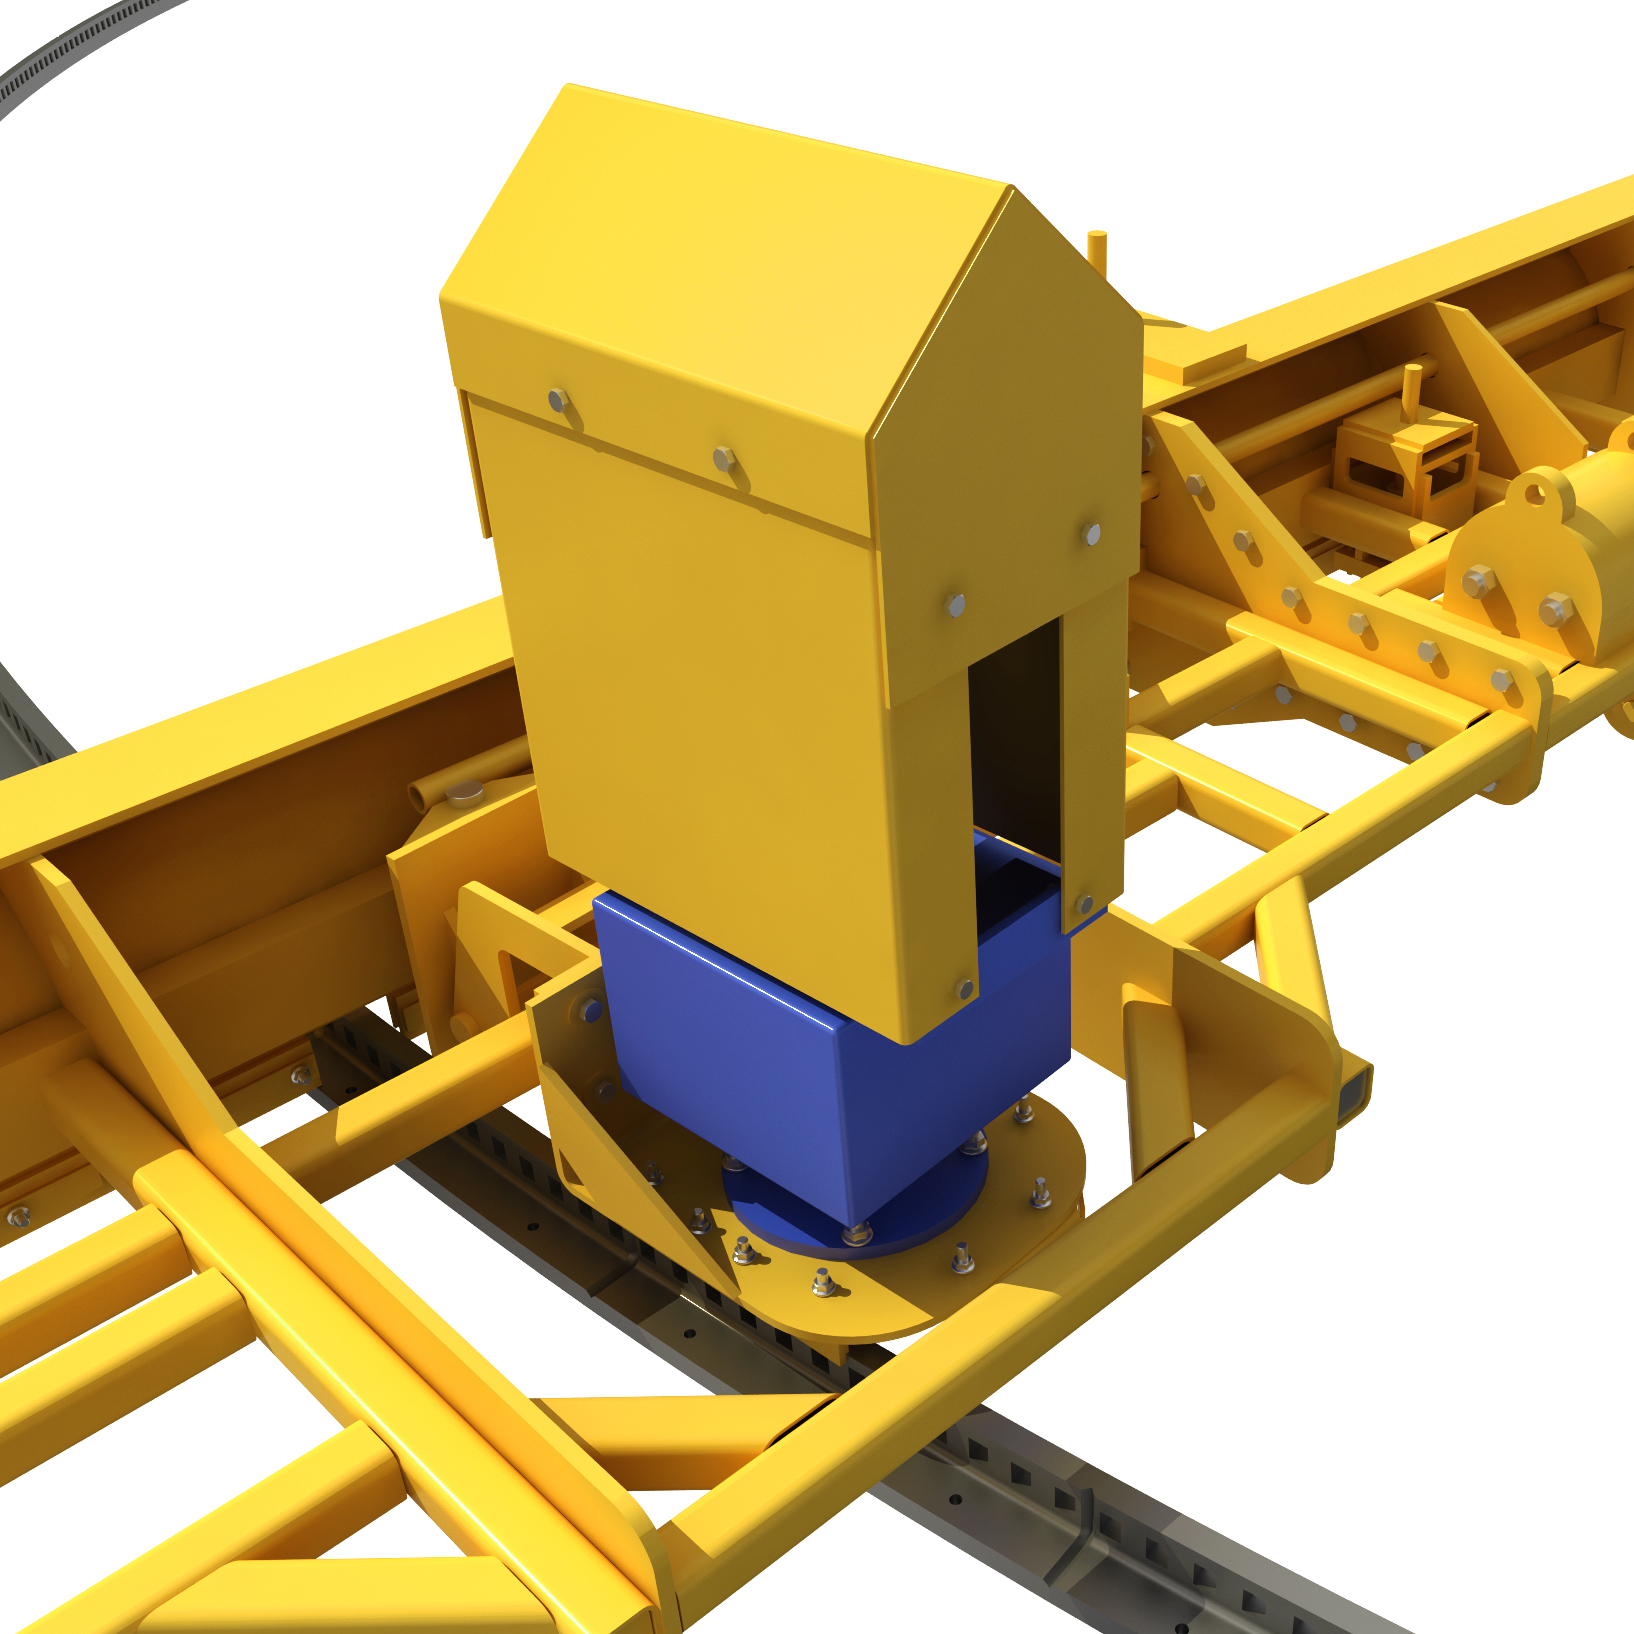 温州专业全封闭单托辊皮带输送机价格 创新服务 苏州捷赛机械供应